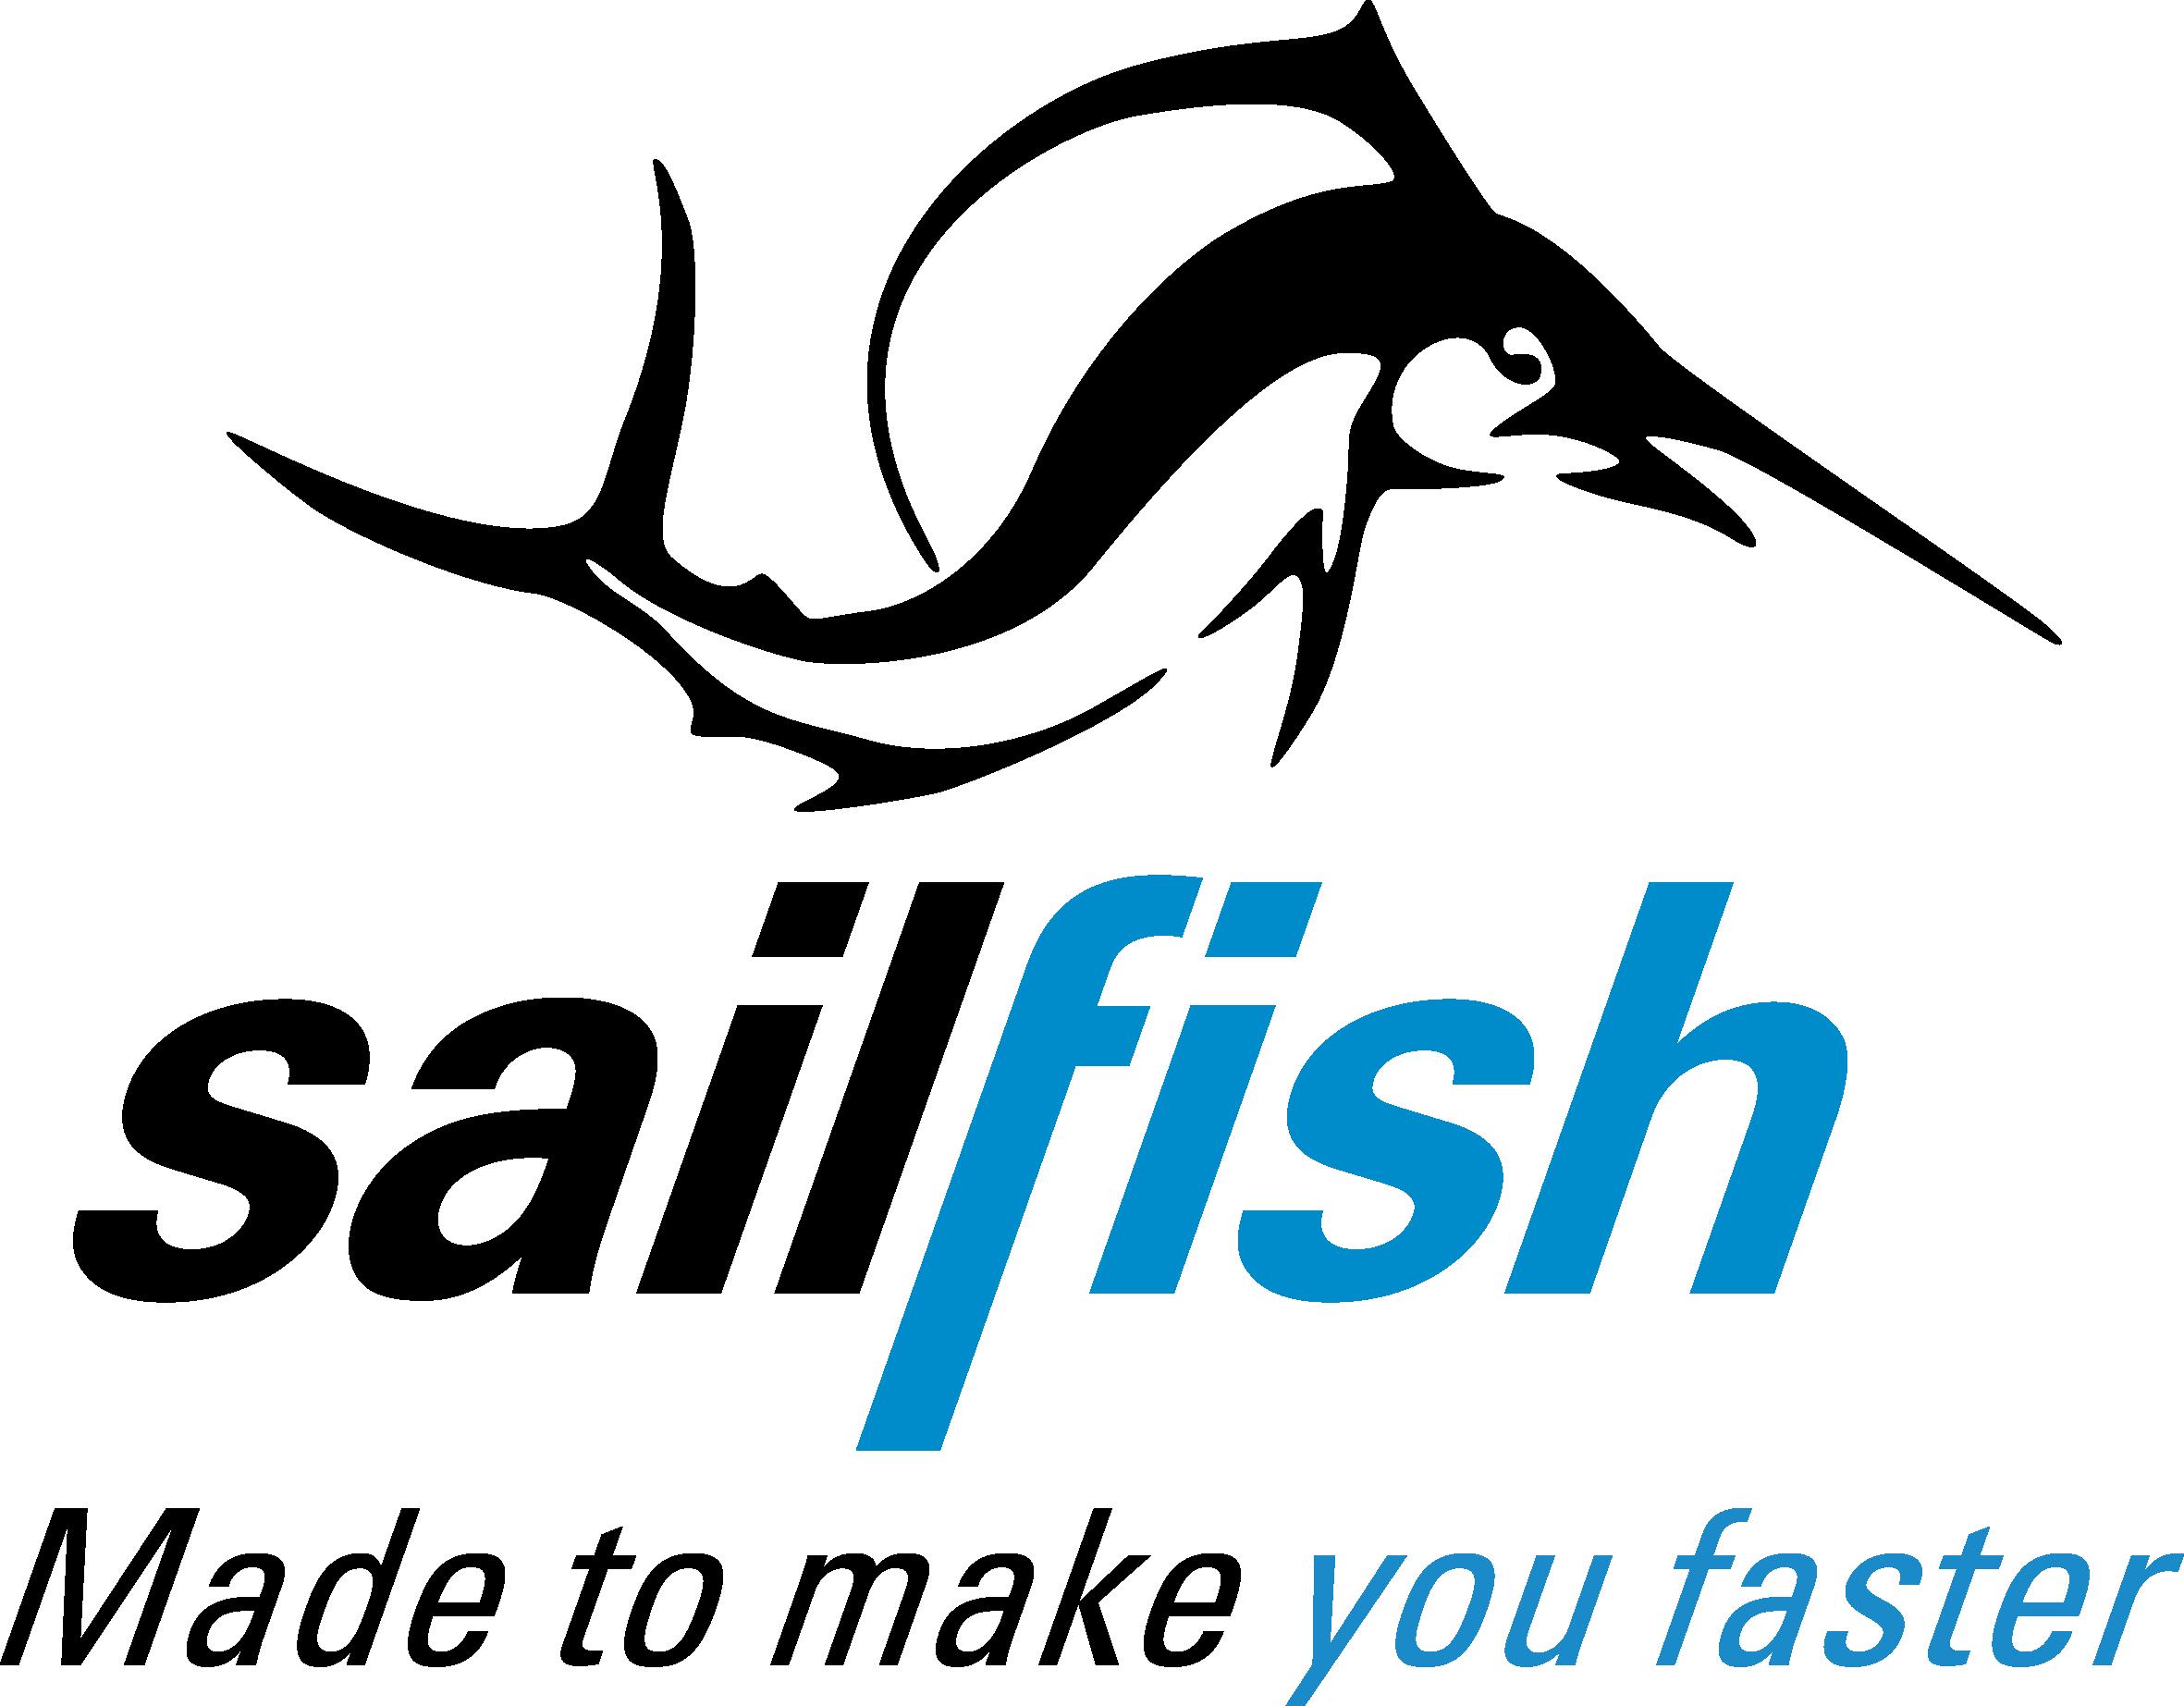 sailfish-Kombi-Claim-black-blue